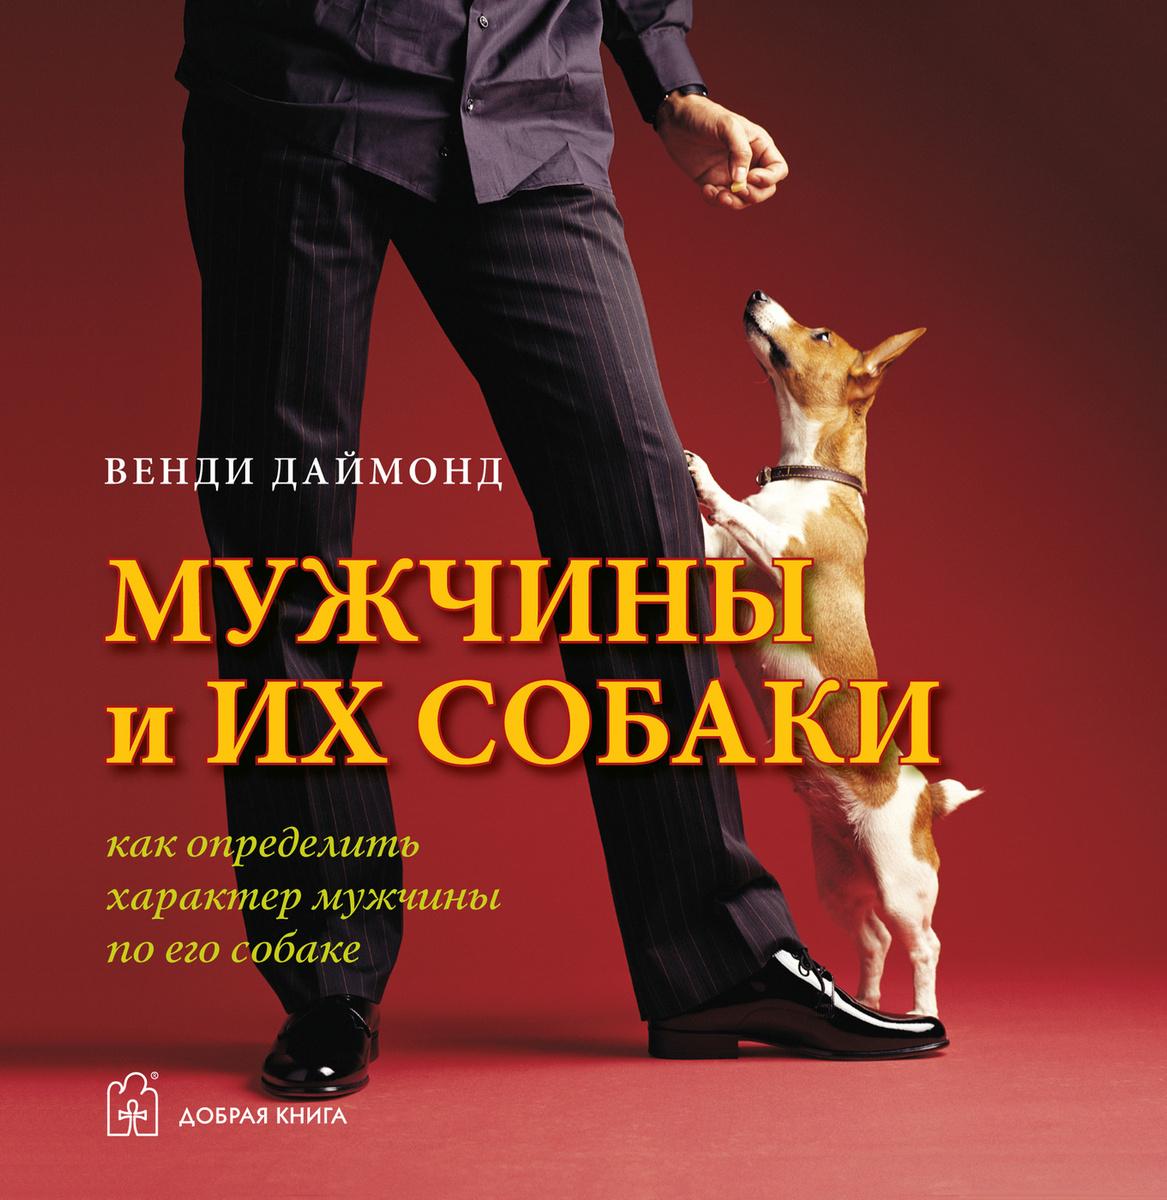 Мужчины и их собаки. Как определить характер мужчины по его собаке | Даймонд Венди  #1